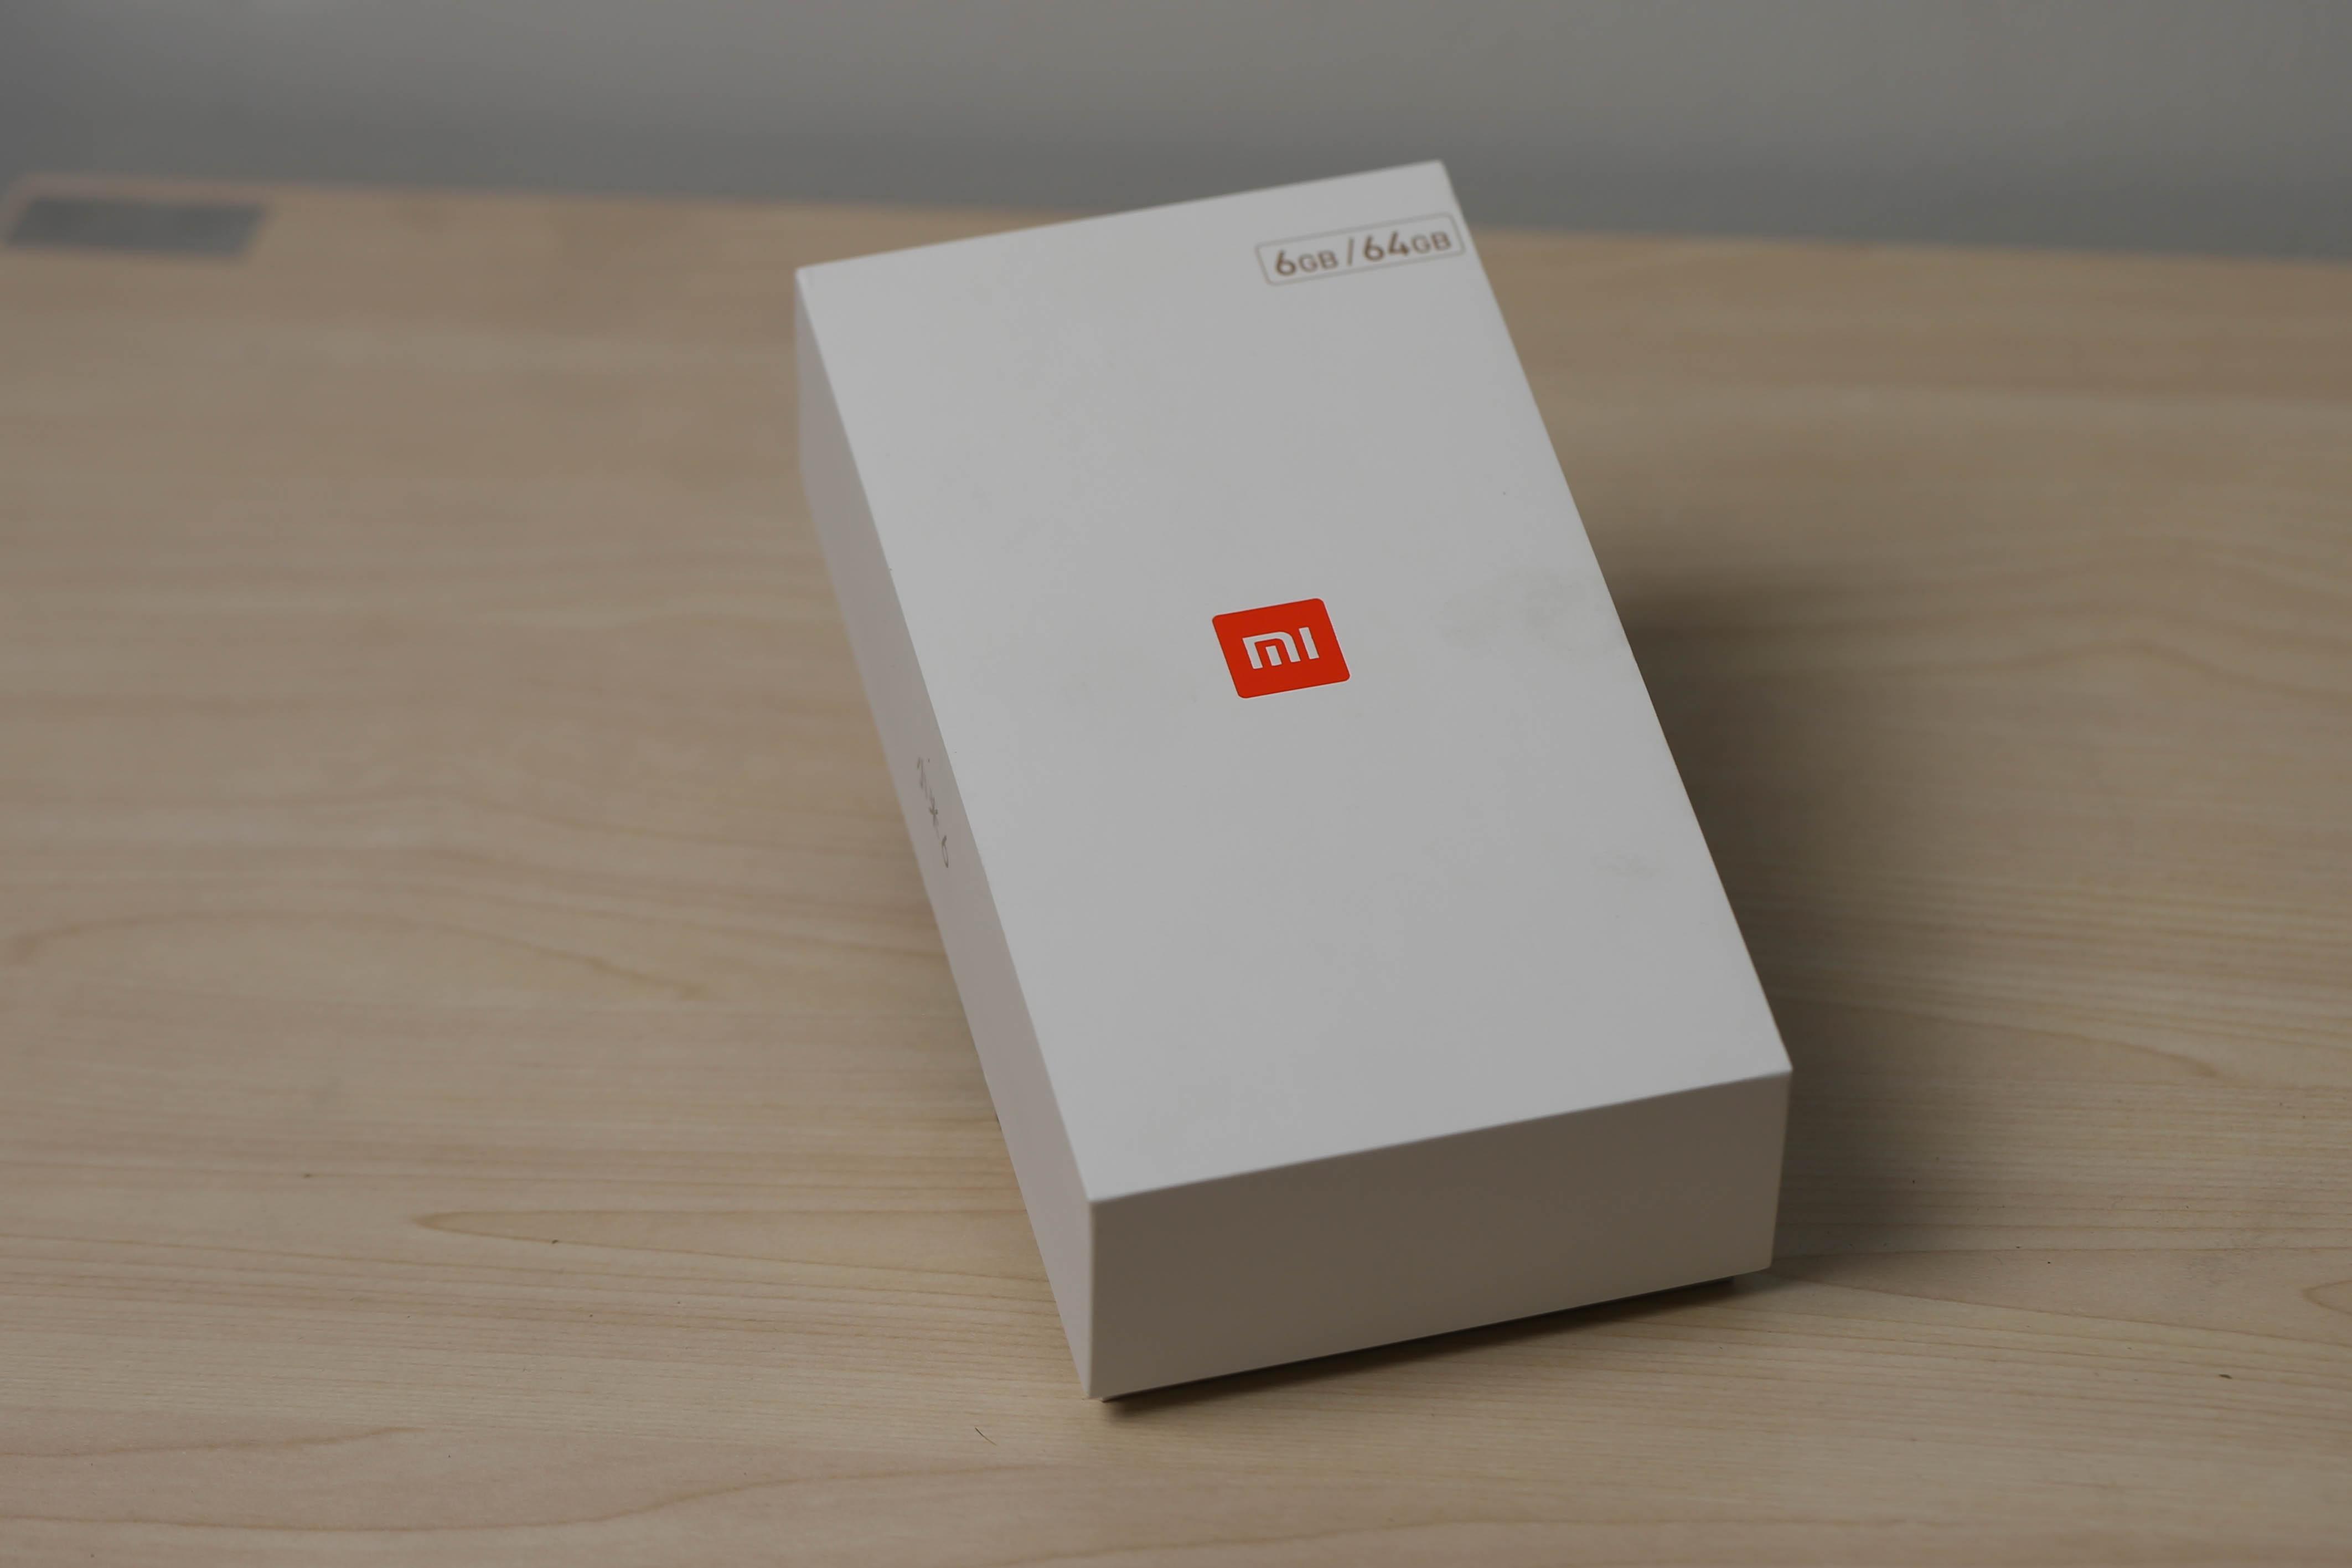 Đập hộp smartphone camera kép Xiaomi Mi 6 chính hãng tại Việt Nam - 1